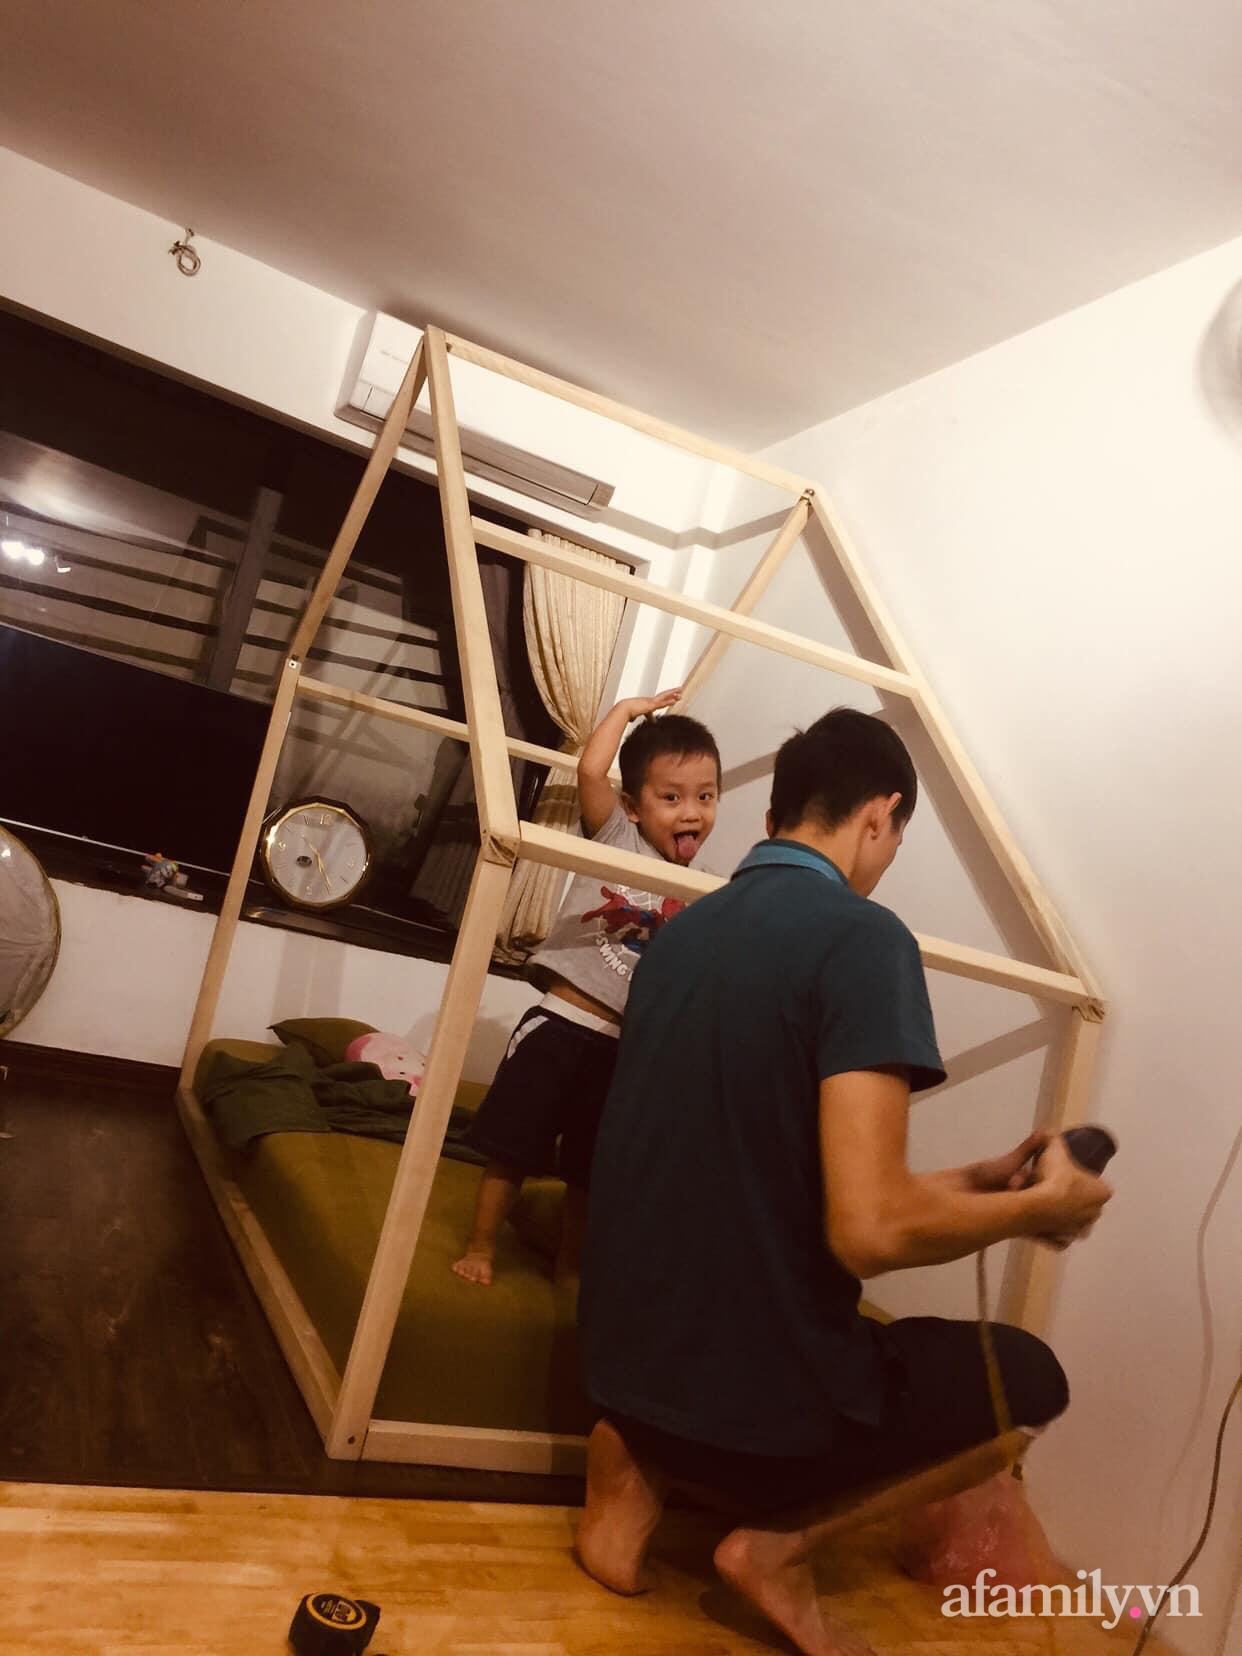 Chán cảnh thuê nhà, vợ chồng trẻ tích cóp tiền cải tạo nhà phố 20m² thành tổ ấm lý tưởng ở Hà Nội - Ảnh 10.